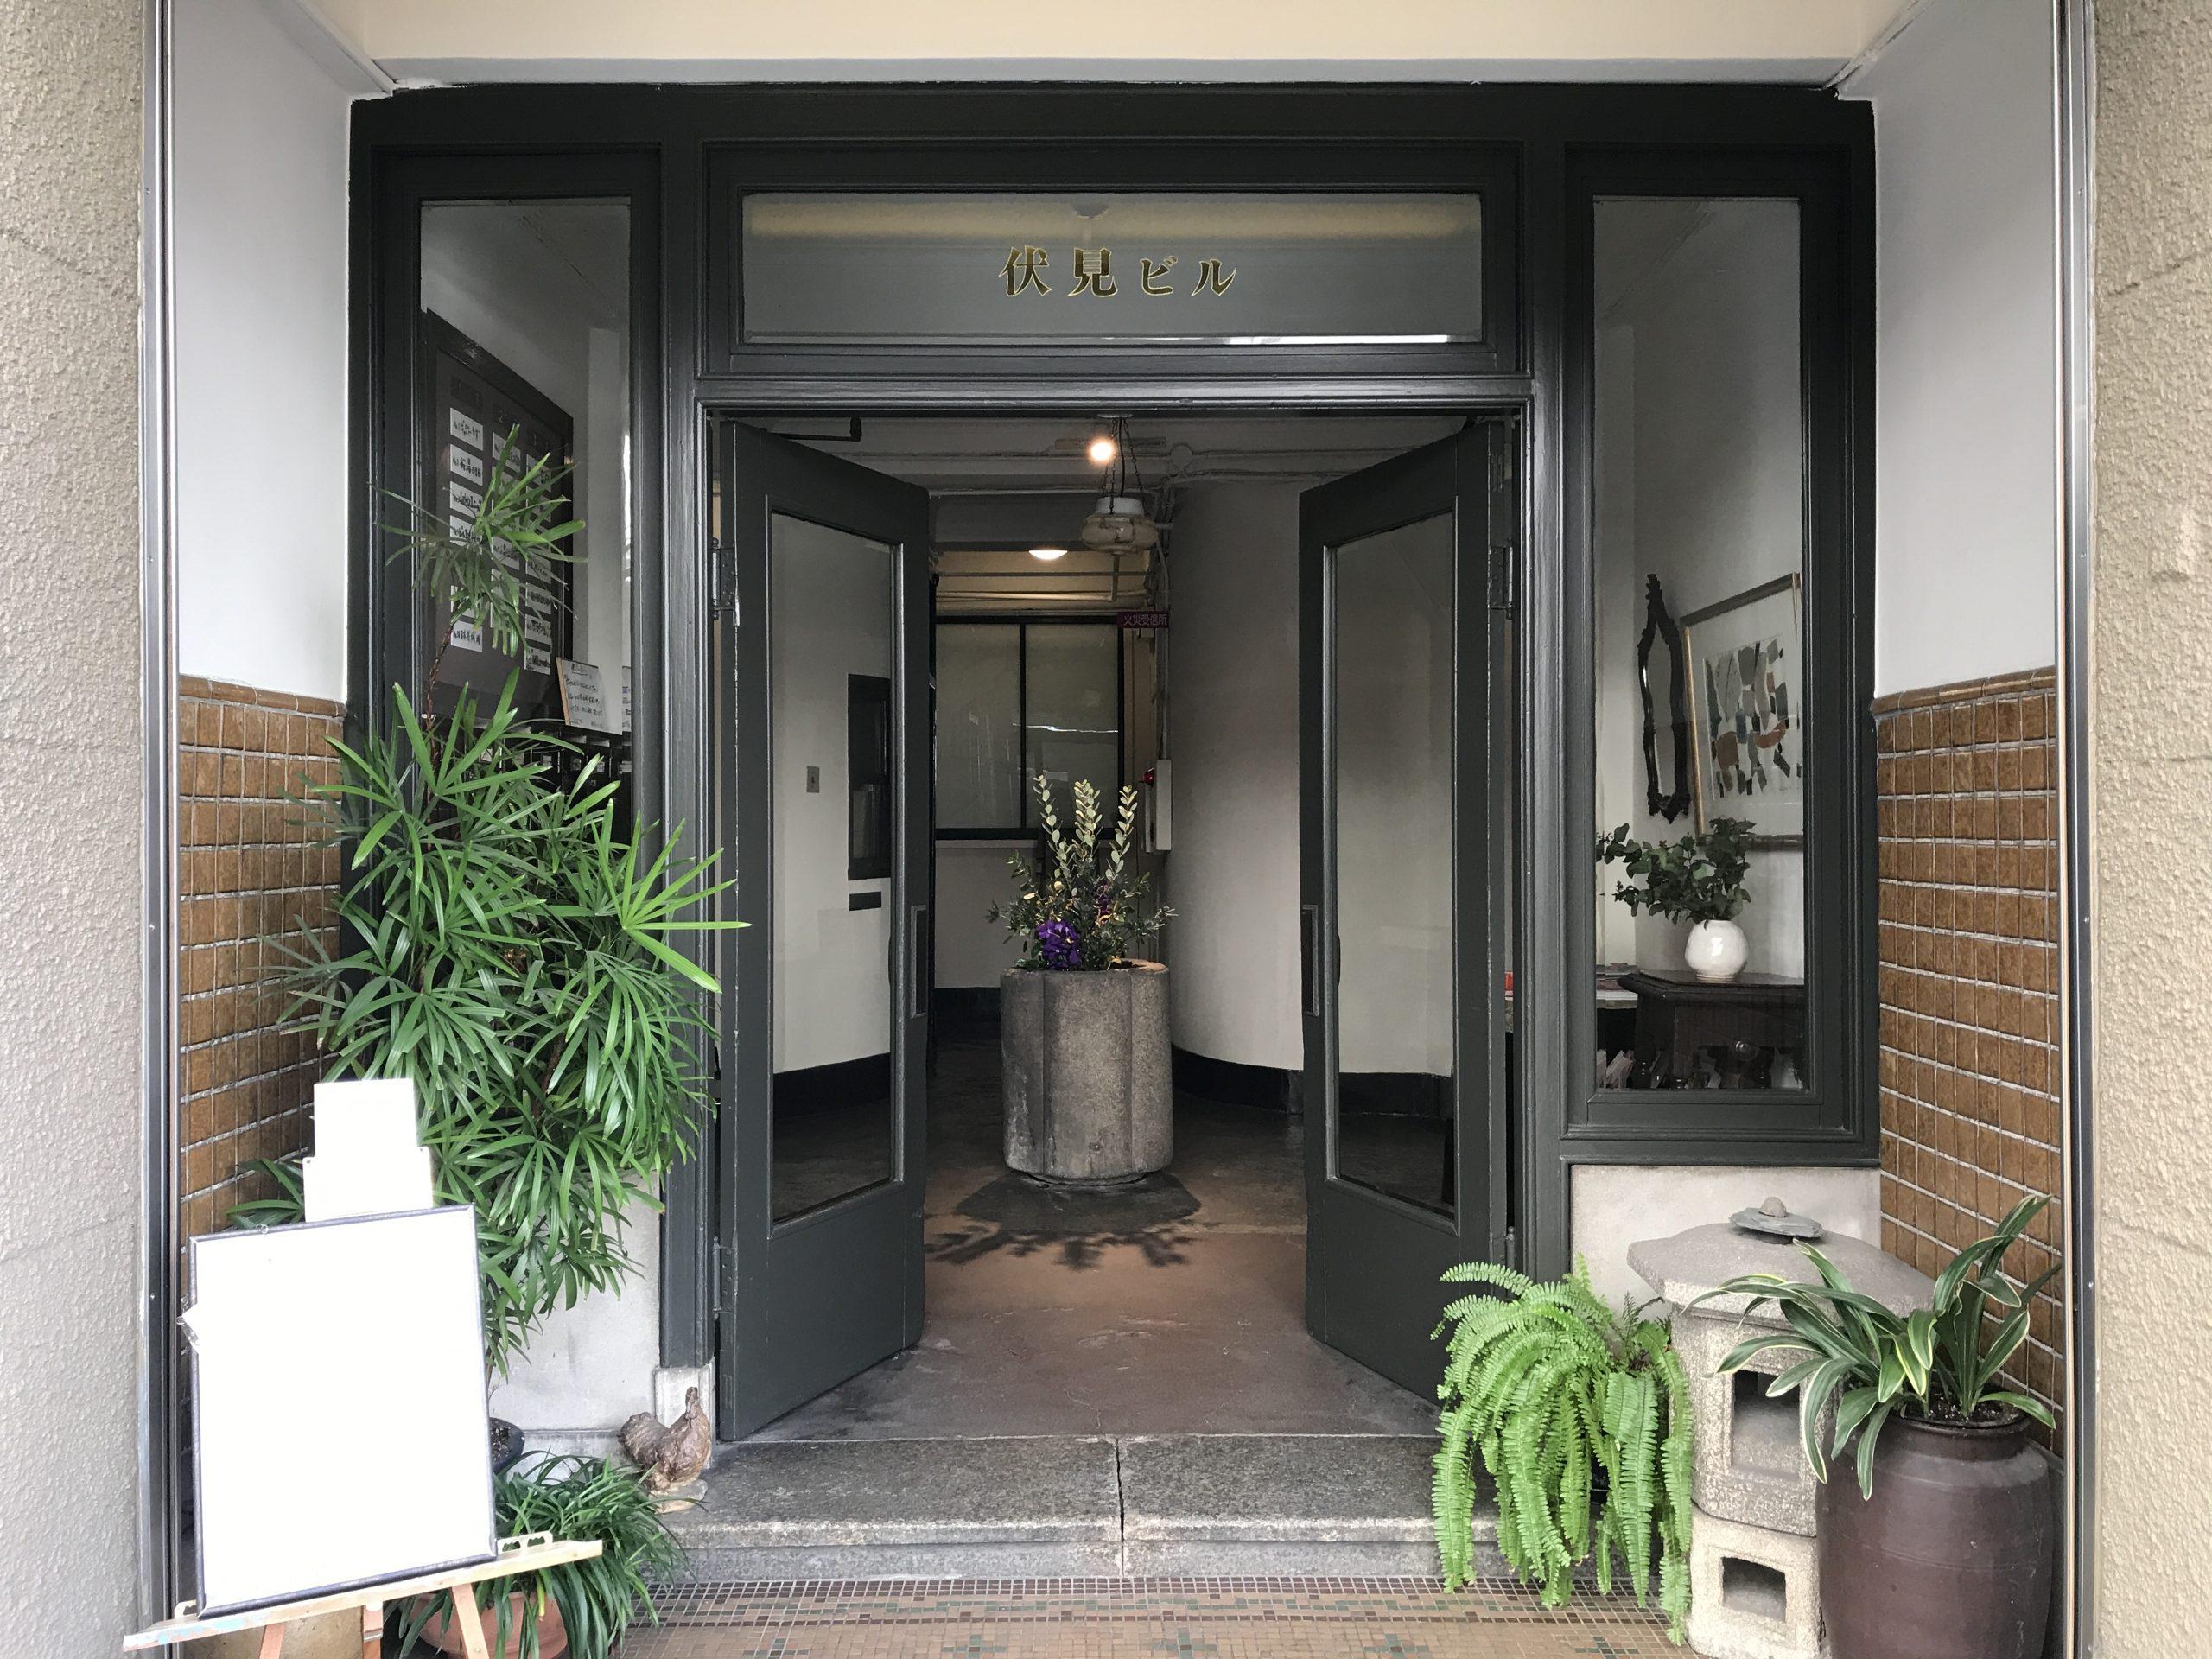 <p>正面玄関</p>木製の扉。欄間には金文字で伏見ビルと書かれている。<br /> 奥の手水鉢には常に花が活けられ、出迎えてくれる。